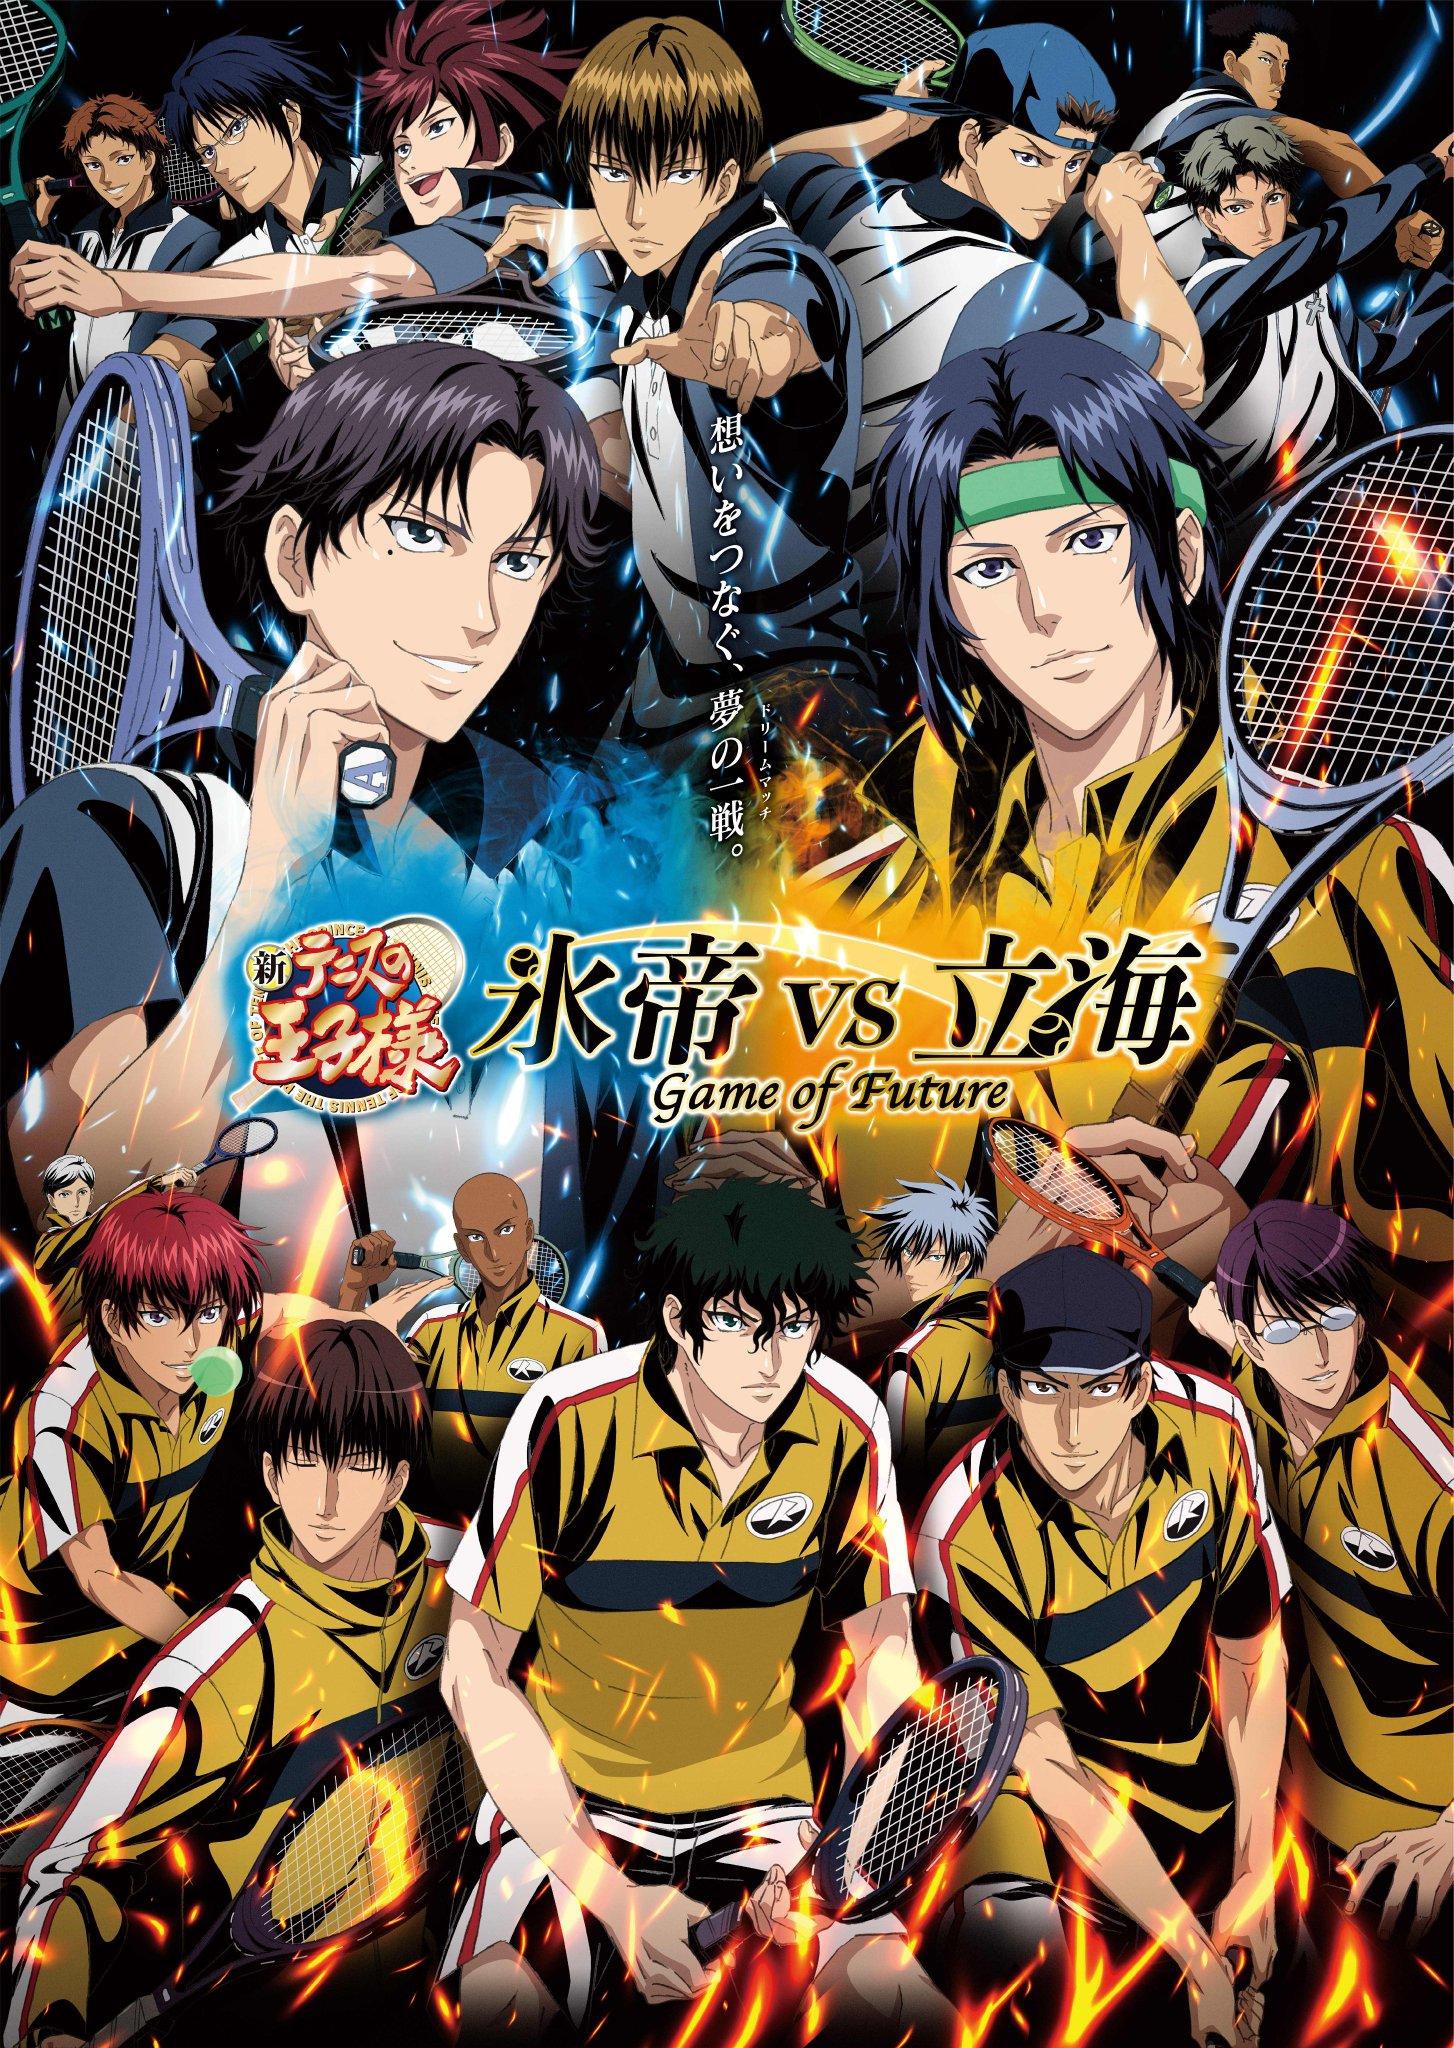 新テニスの王子様 氷帝vs 立海 Game of Future